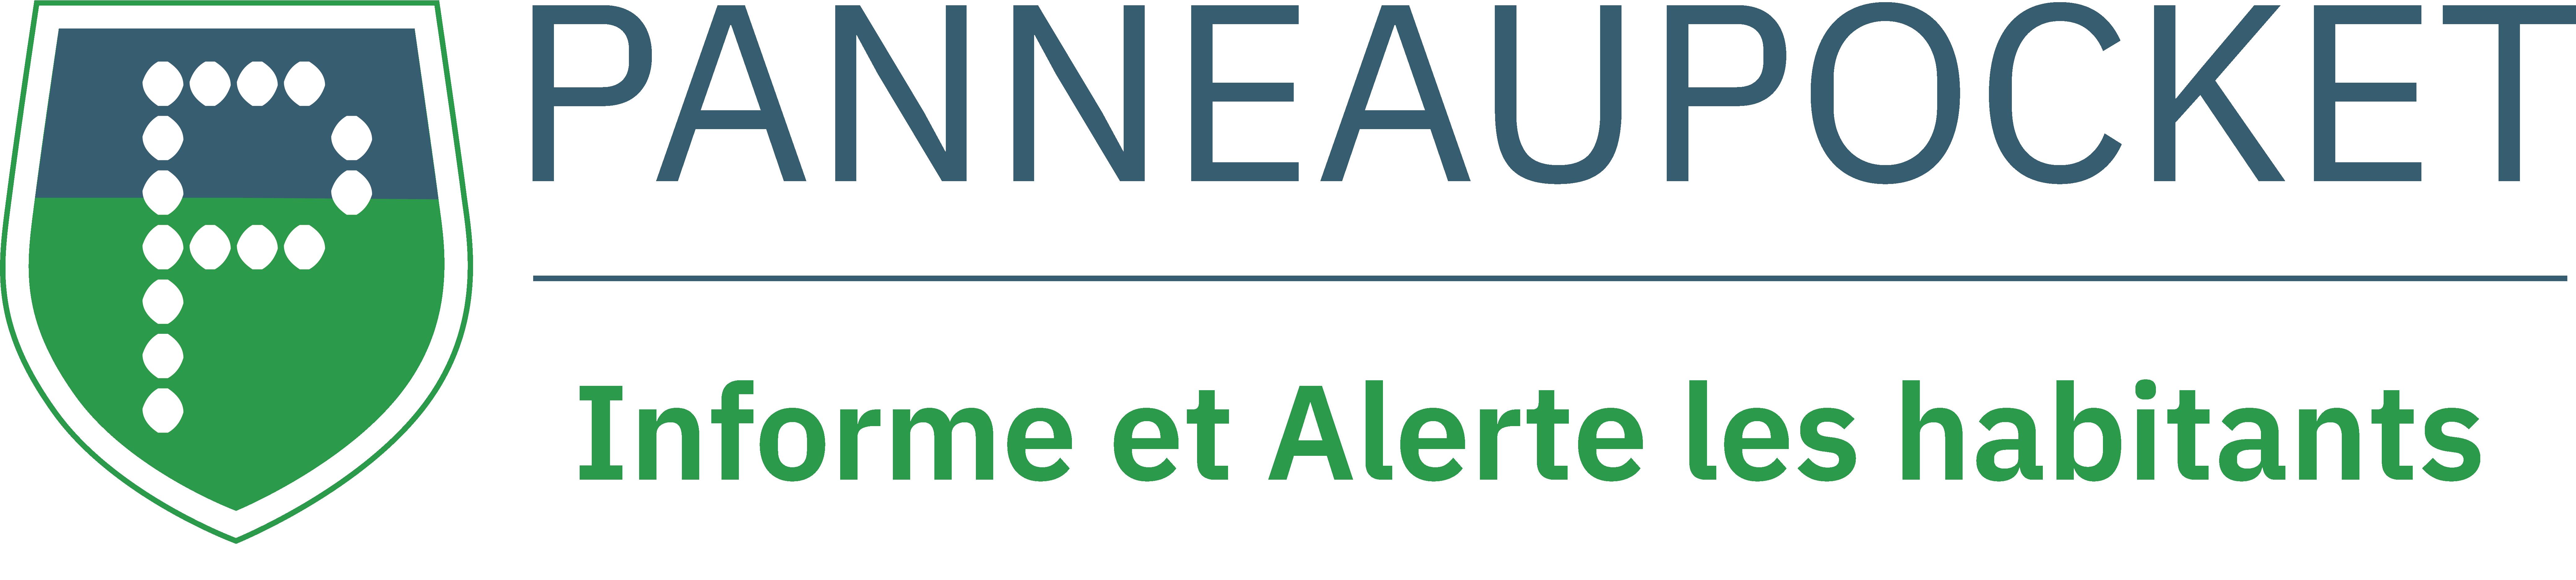 logo panneau pocket 2020.png